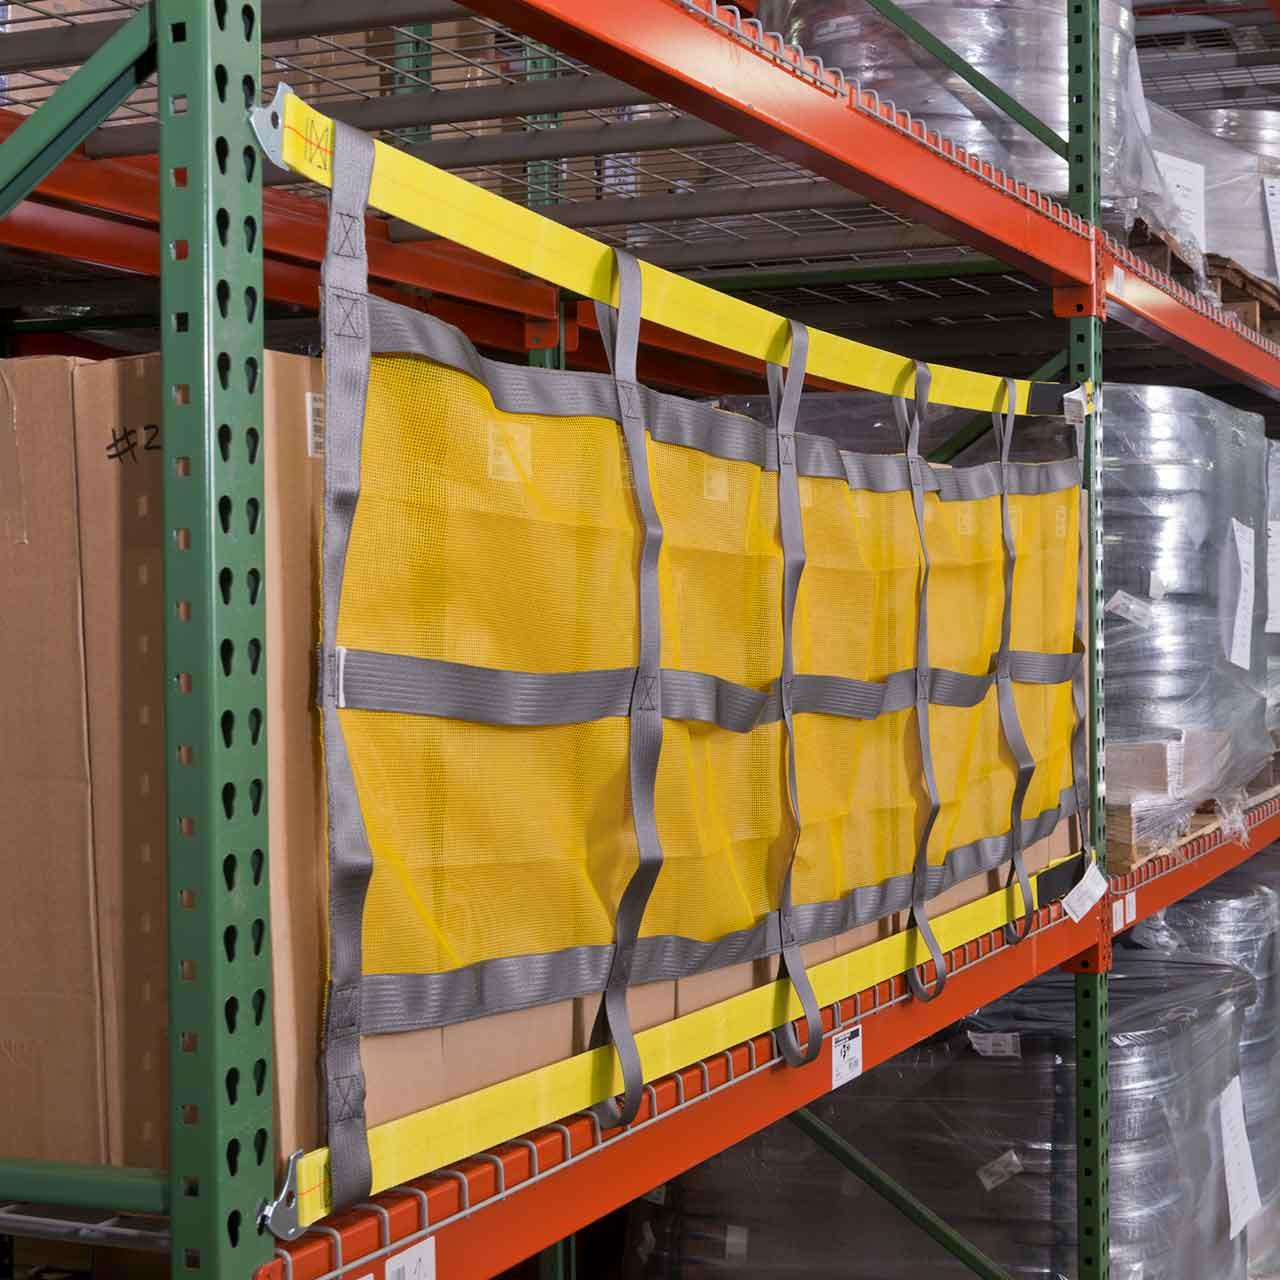 Pallet rack sliding safety net